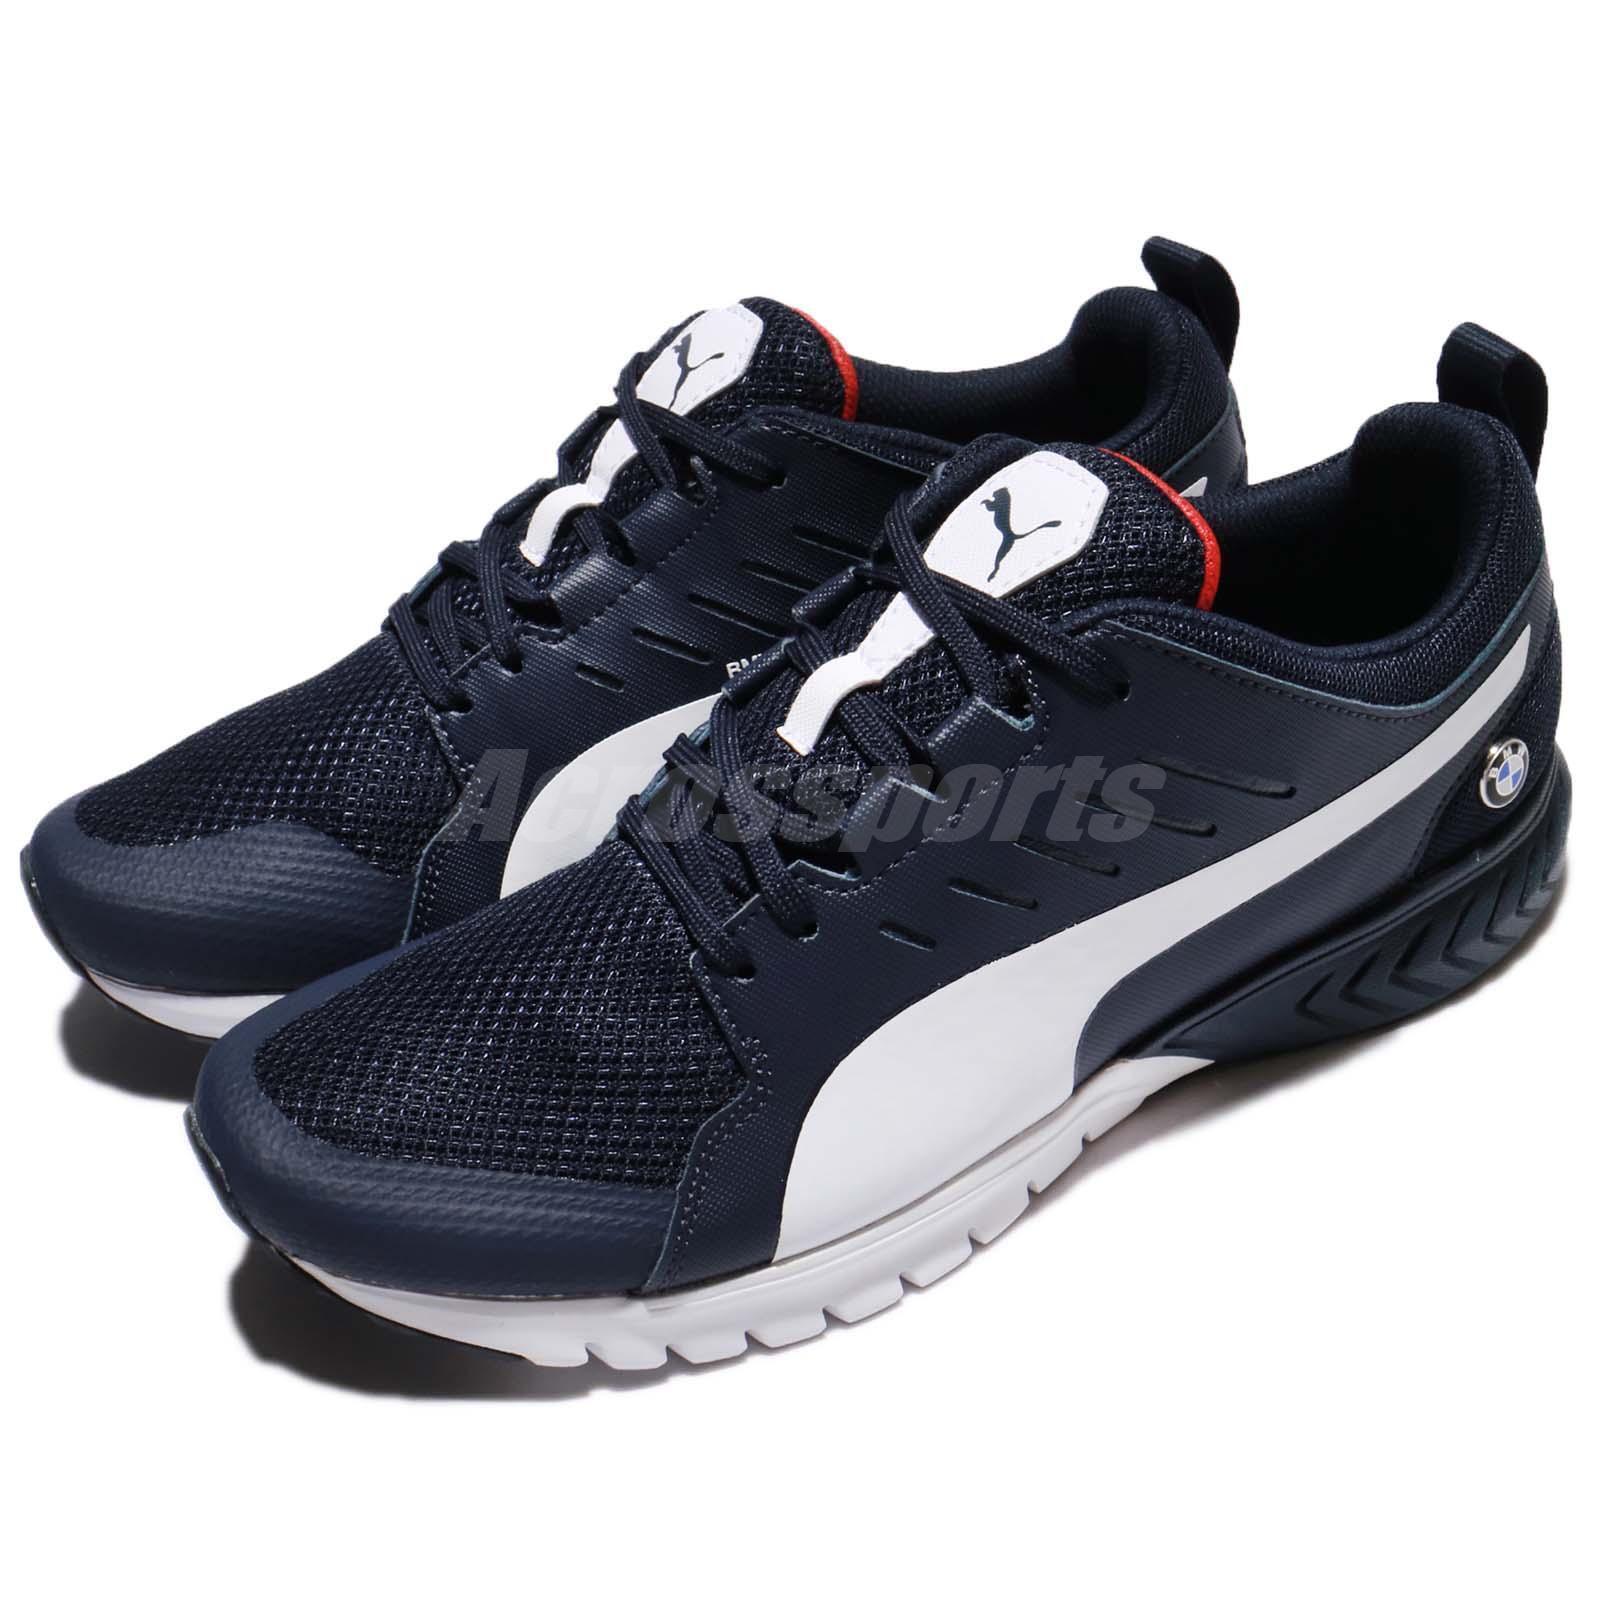 Puma BMW MS pitlane equipo blanco azul blanco equipo alto riesgo Rojo Hombres zapatos zapatillas de deporte 305991-01 el mas popular de zapatos para hombres y mujeres 818a46